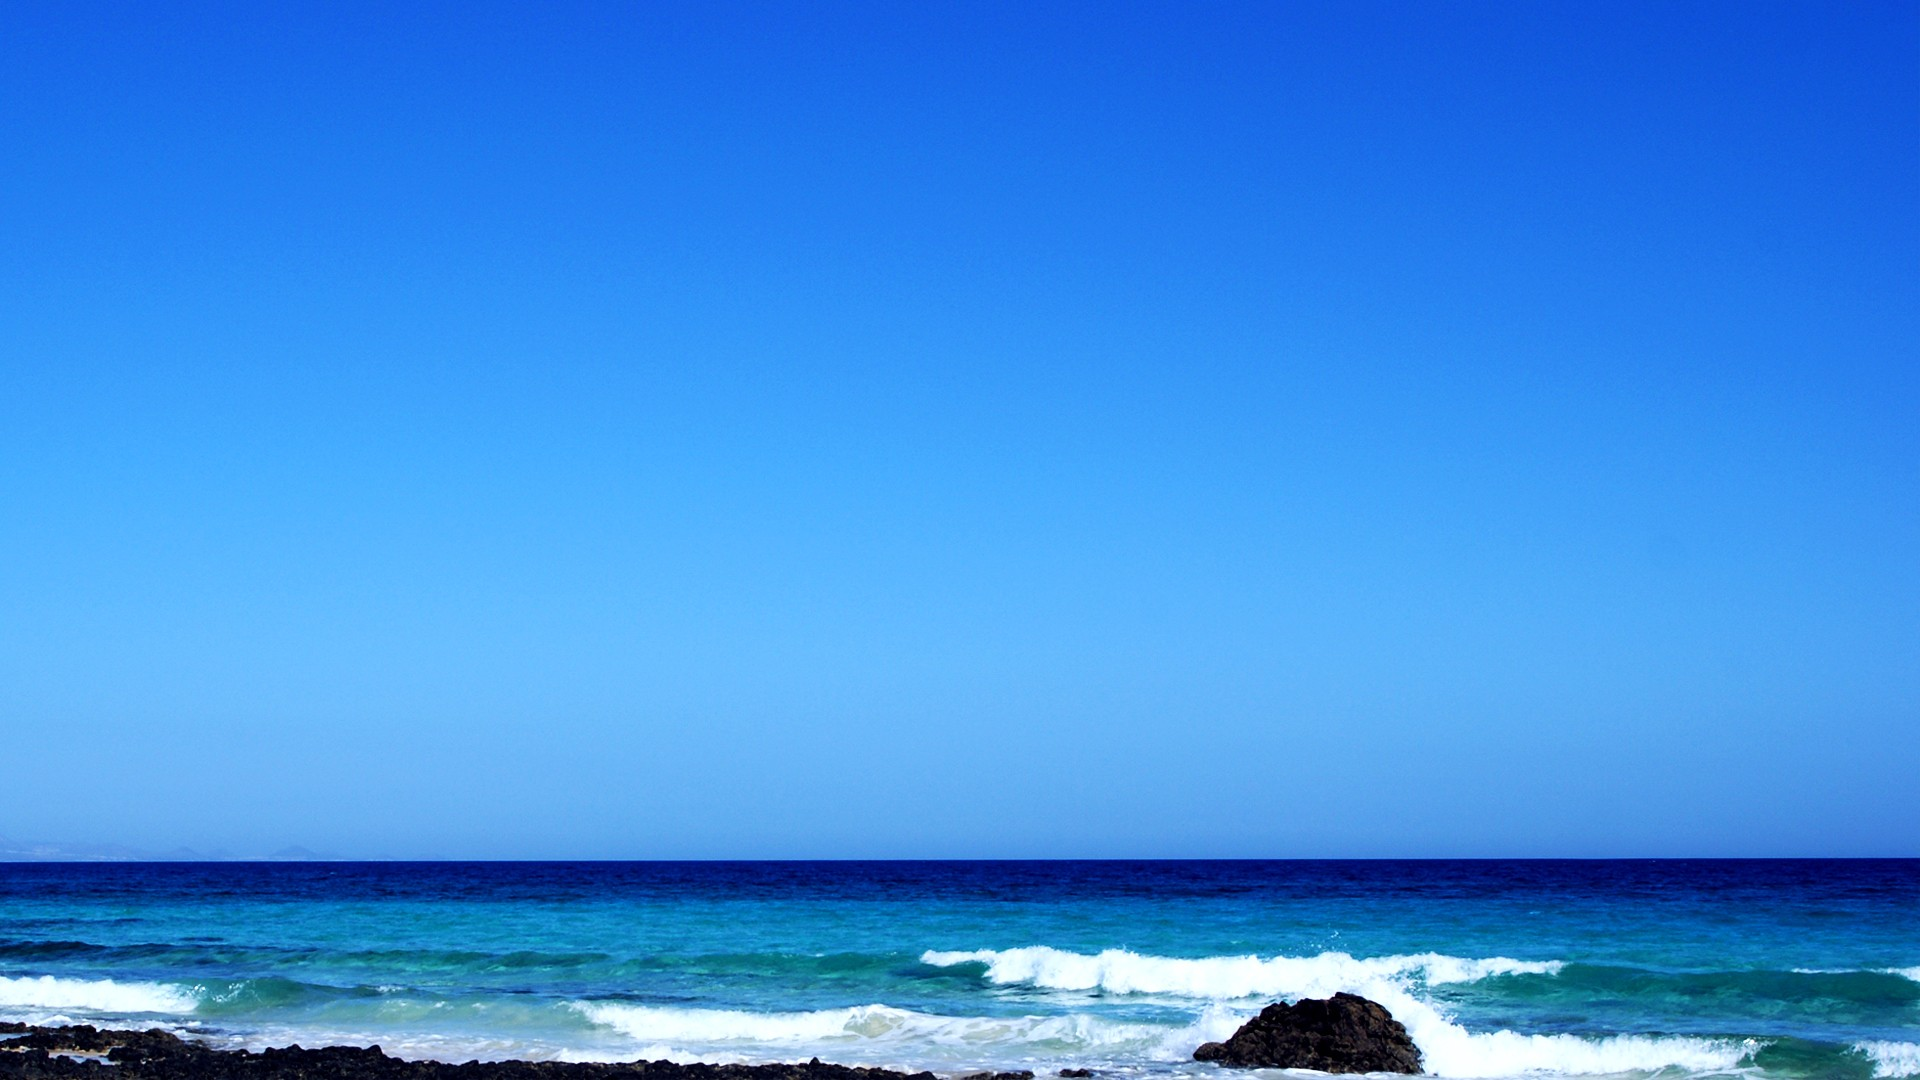 Blue Ocean Japanese Restaurant